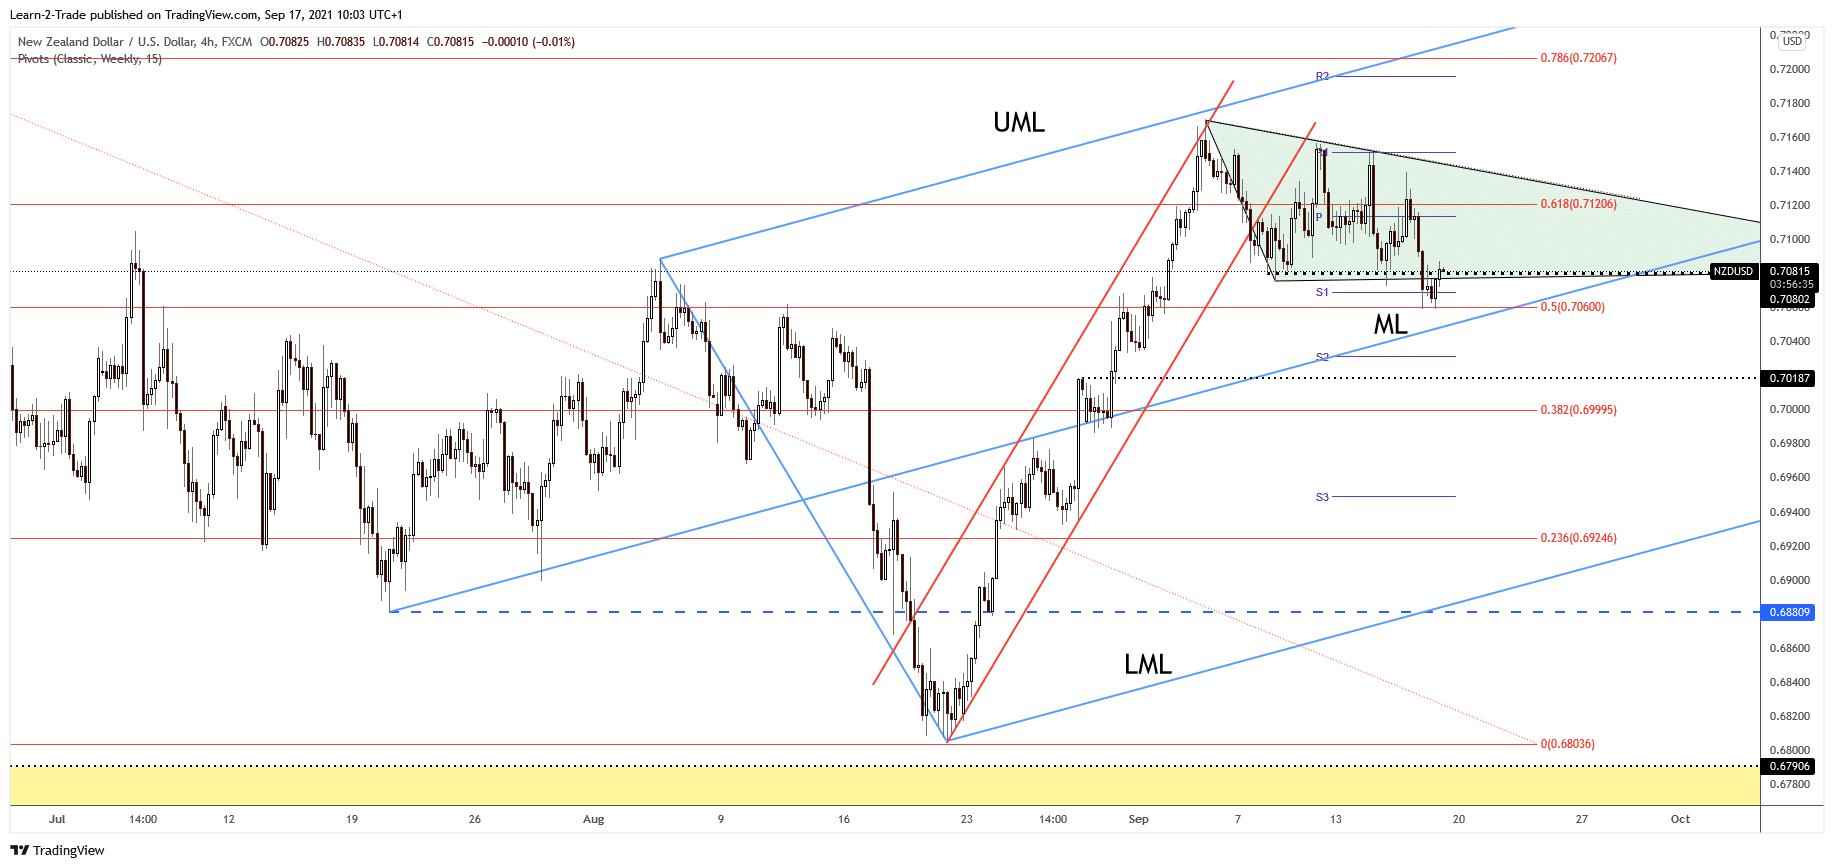 NZD/USD 4-hour price chart analysis